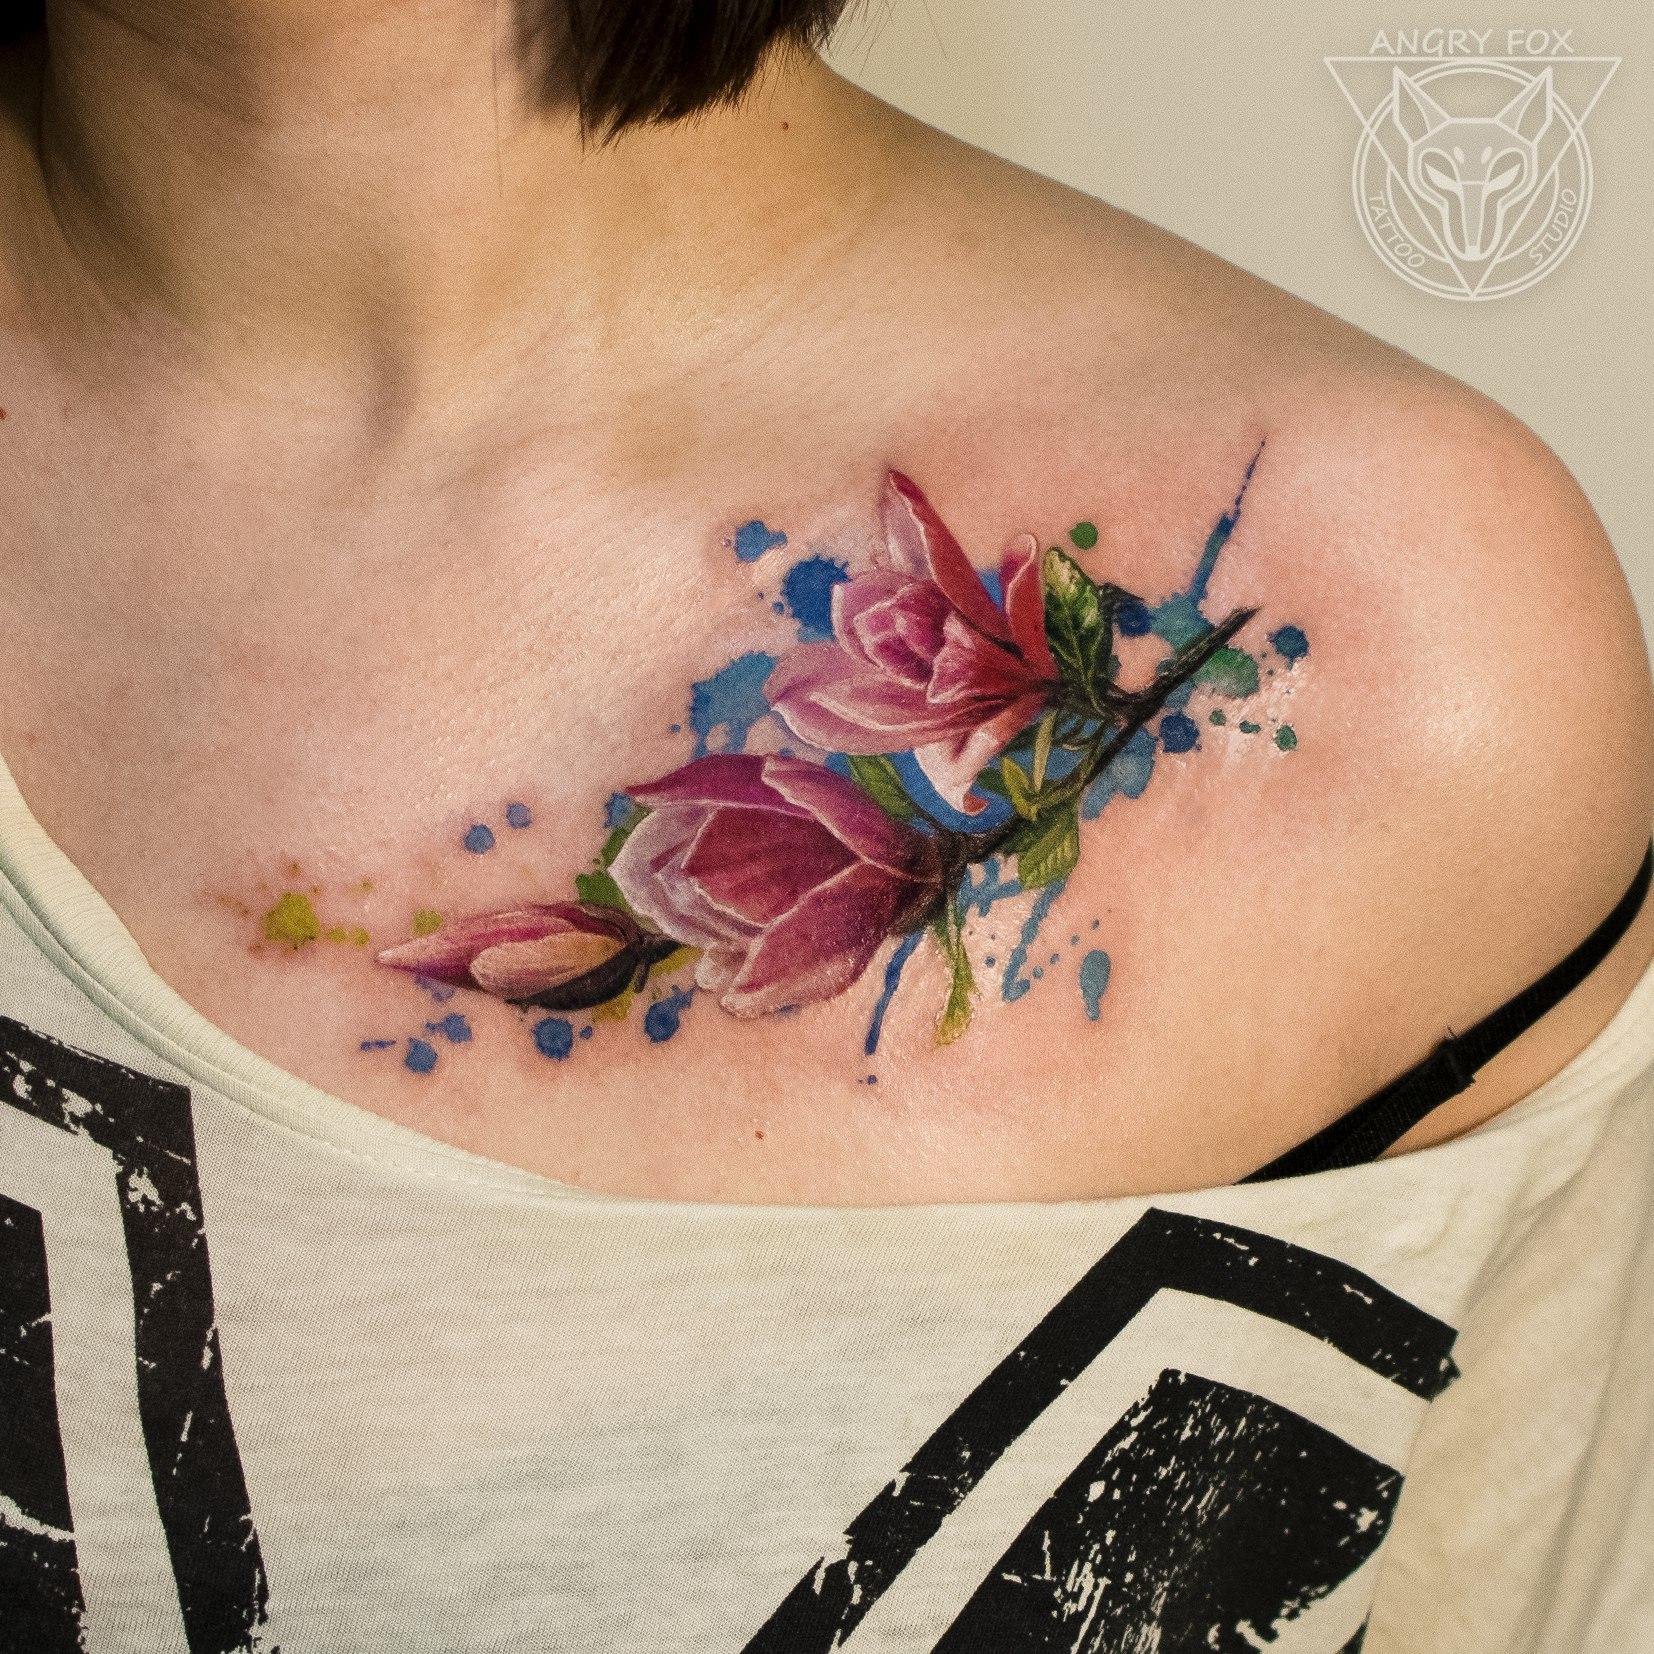 Татуировка, тату, акварель, девушка, ключица, цветок, реализм, веточка, листья